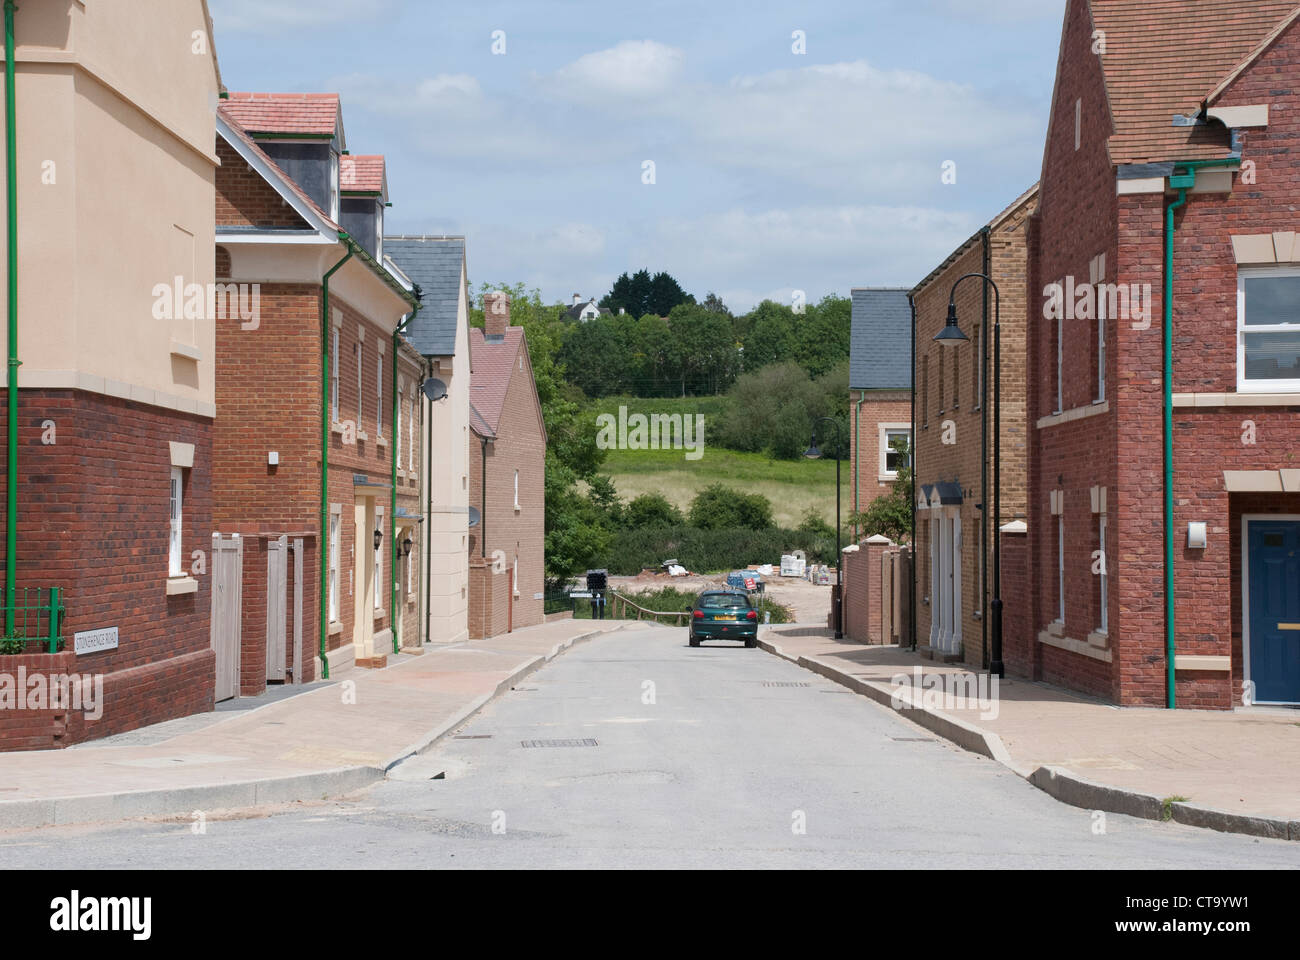 Einer ruhigen Straße in der Swindon Wichelstowe Nachbarschaft. Stockfoto